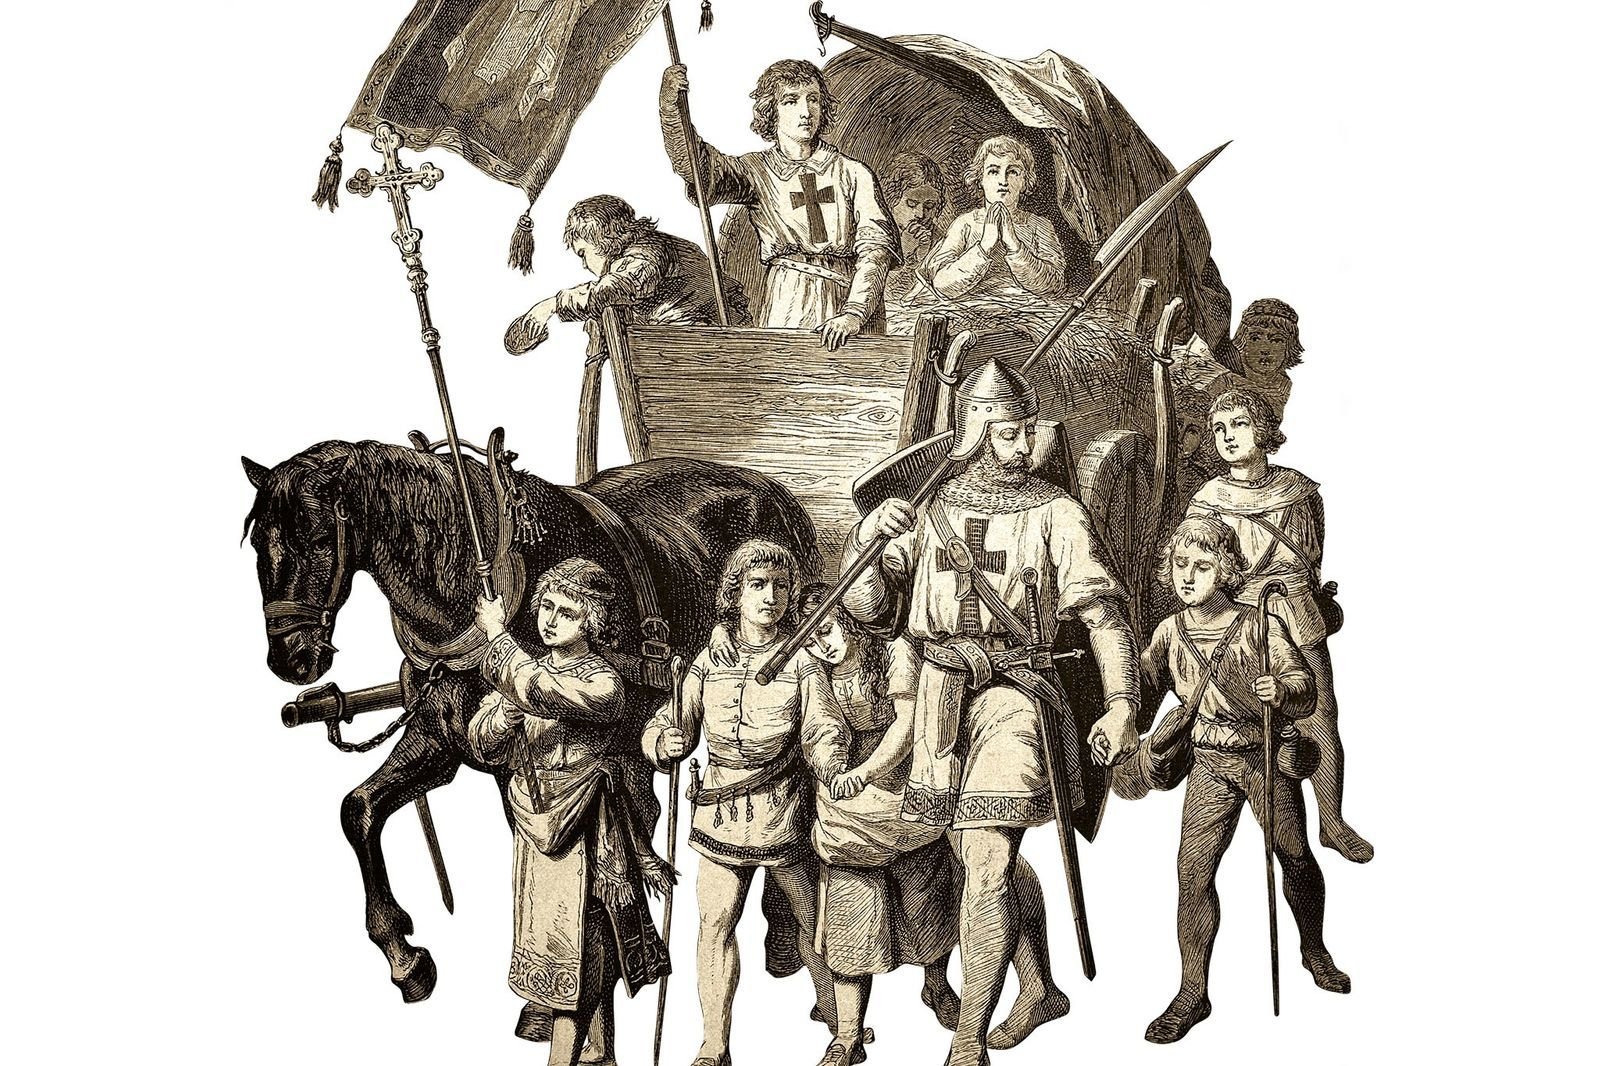 Les Croisades Par Ernest Lavisse Sabre Et Esprit Croisade Histoire Medievale Les Templiers